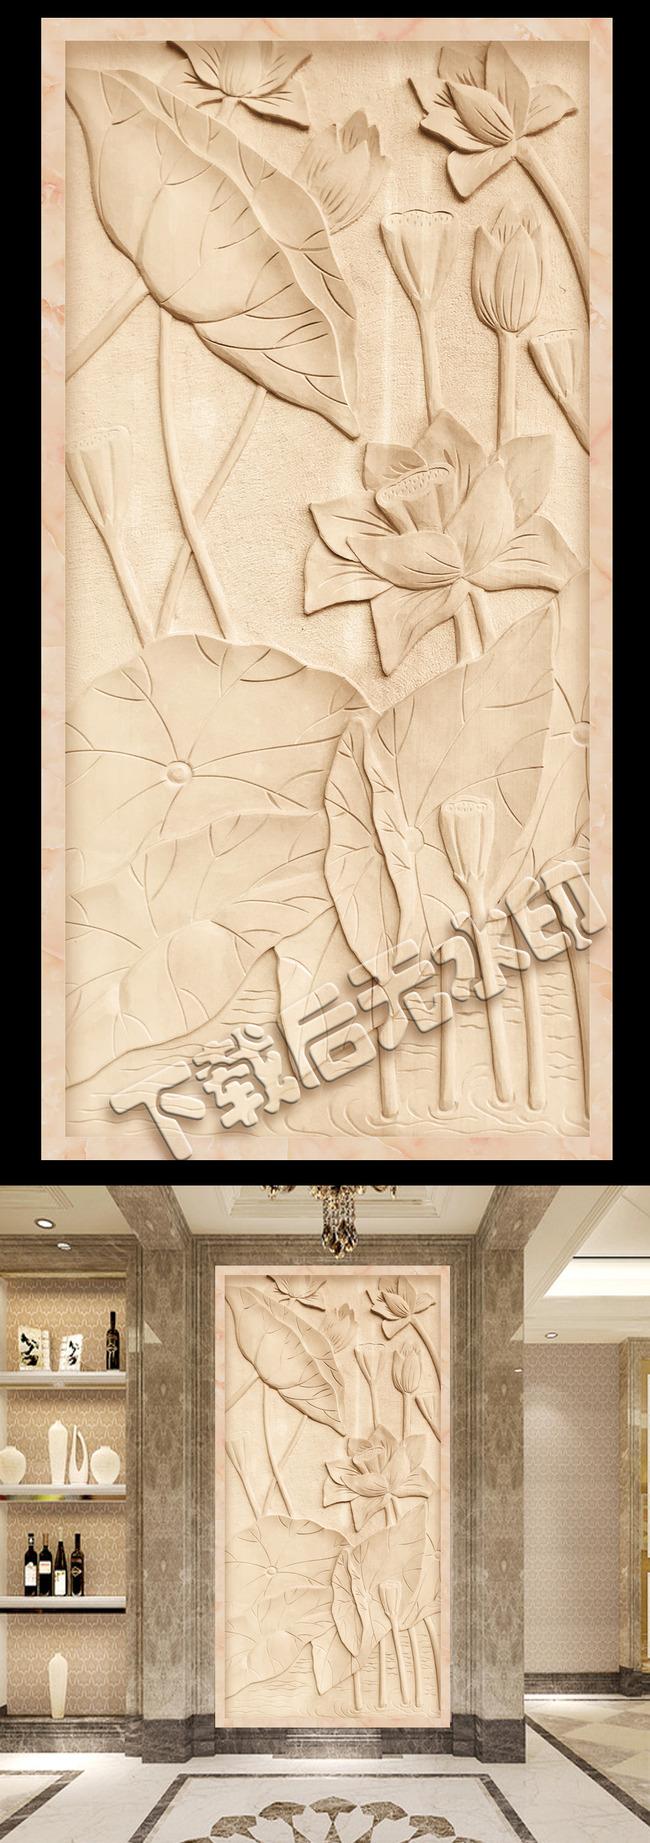 背景墙|装饰画 玄关 木雕玄关 > 荷花荷叶浮雕玄关过道背景墙  下一张